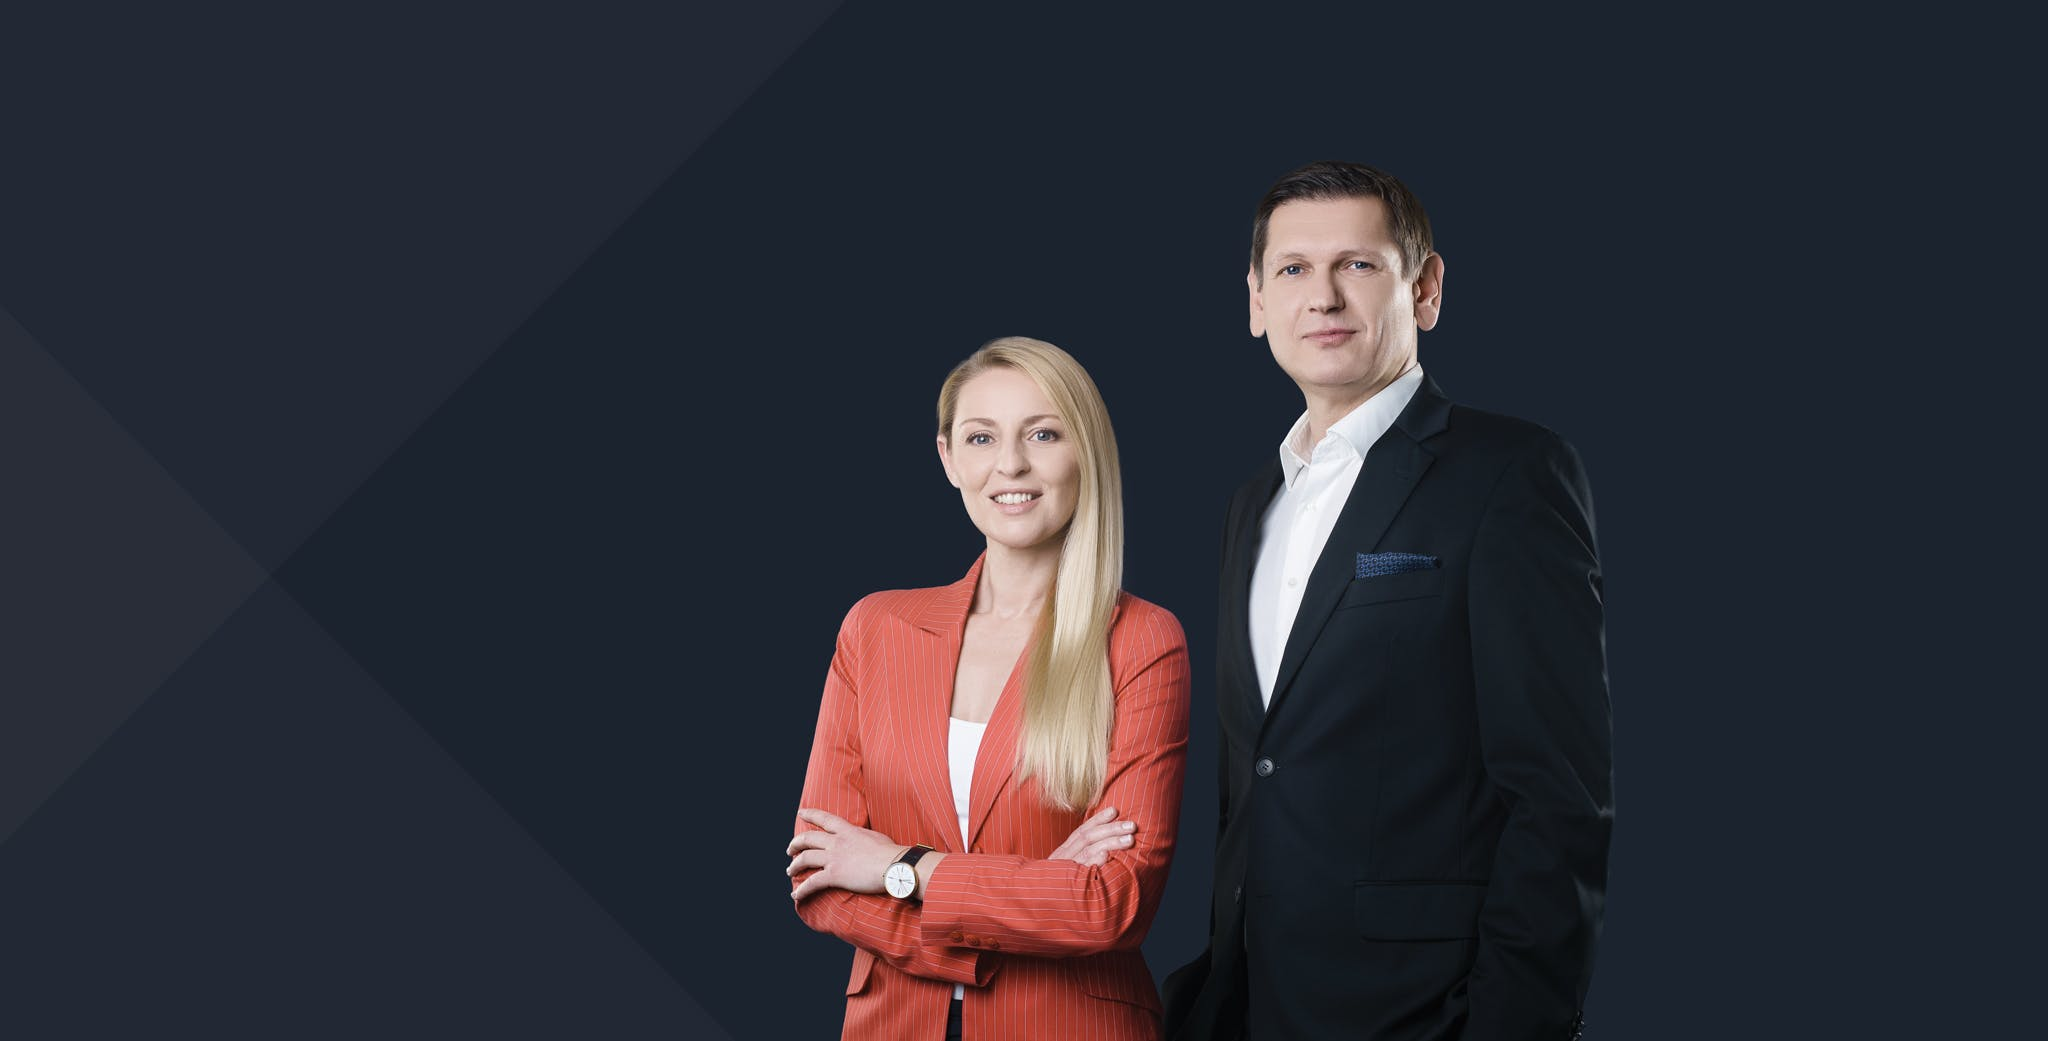 Lider Nieruchomości Otodom 2020, województwo małopolskie: Brand&Sell